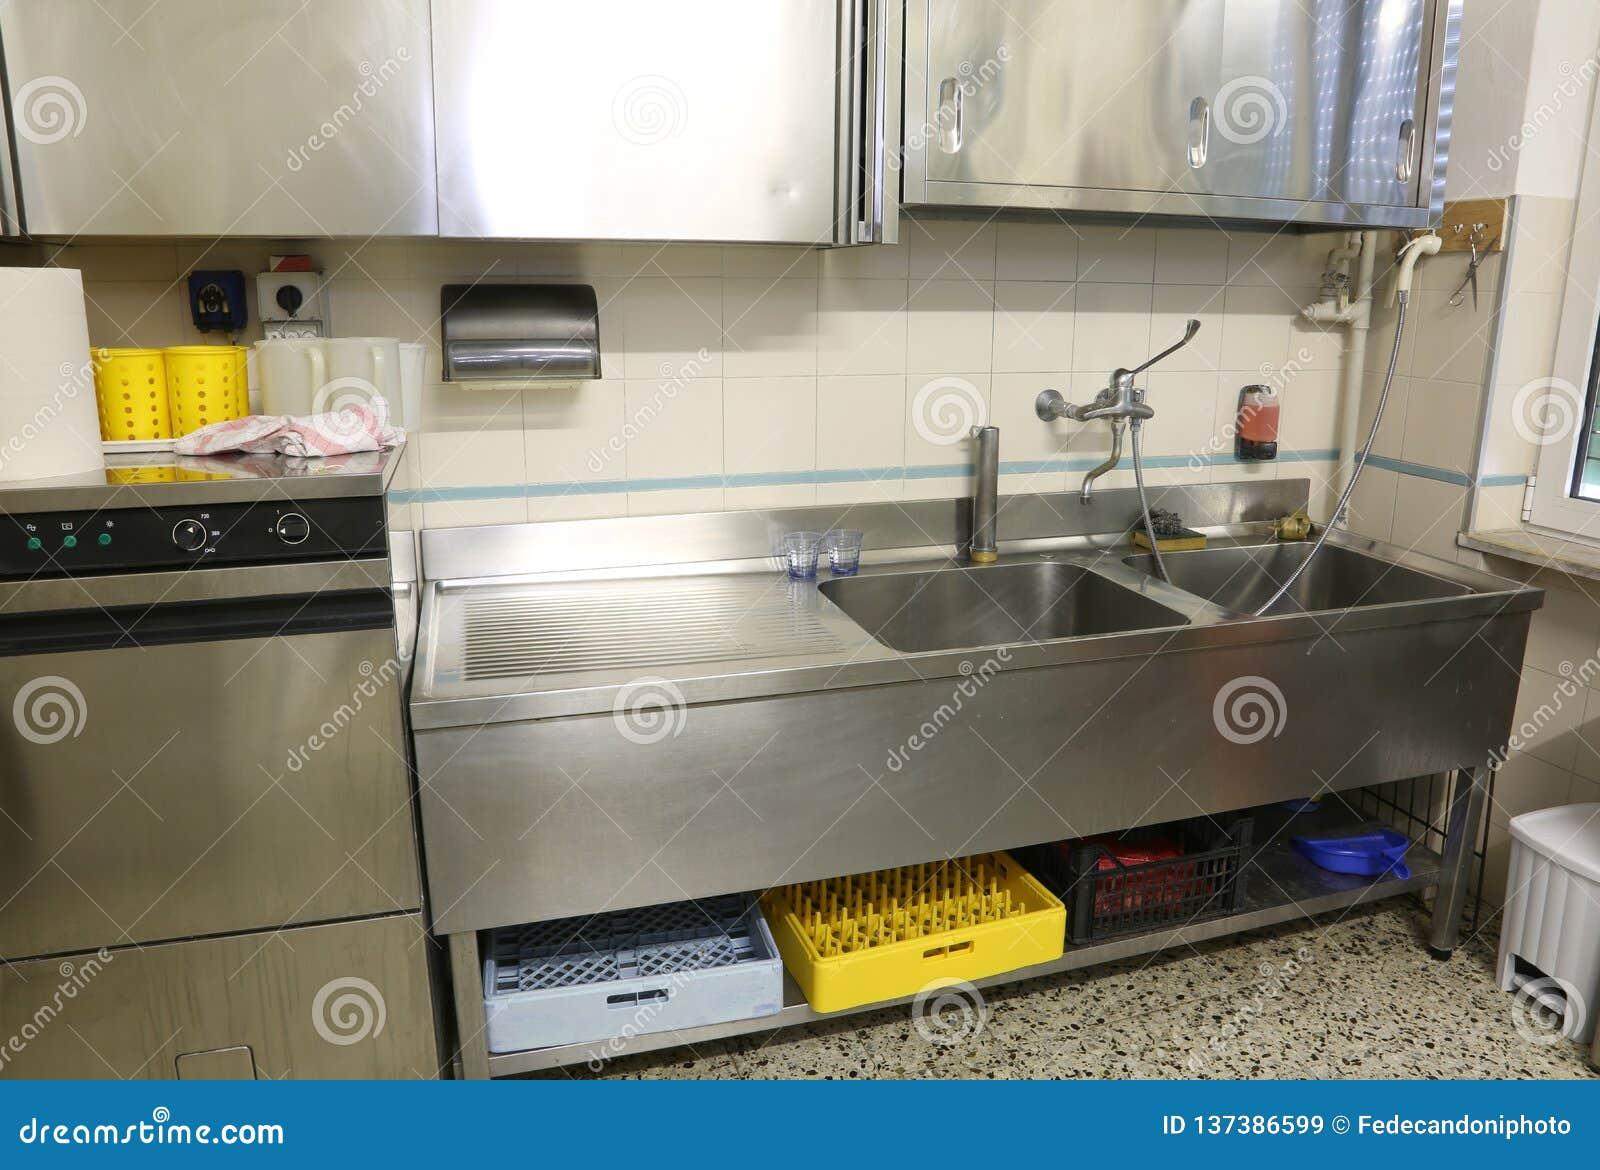 Meuble De Cuisine Industriel meubles d'acier inoxydable d'une cuisine industrielle avec